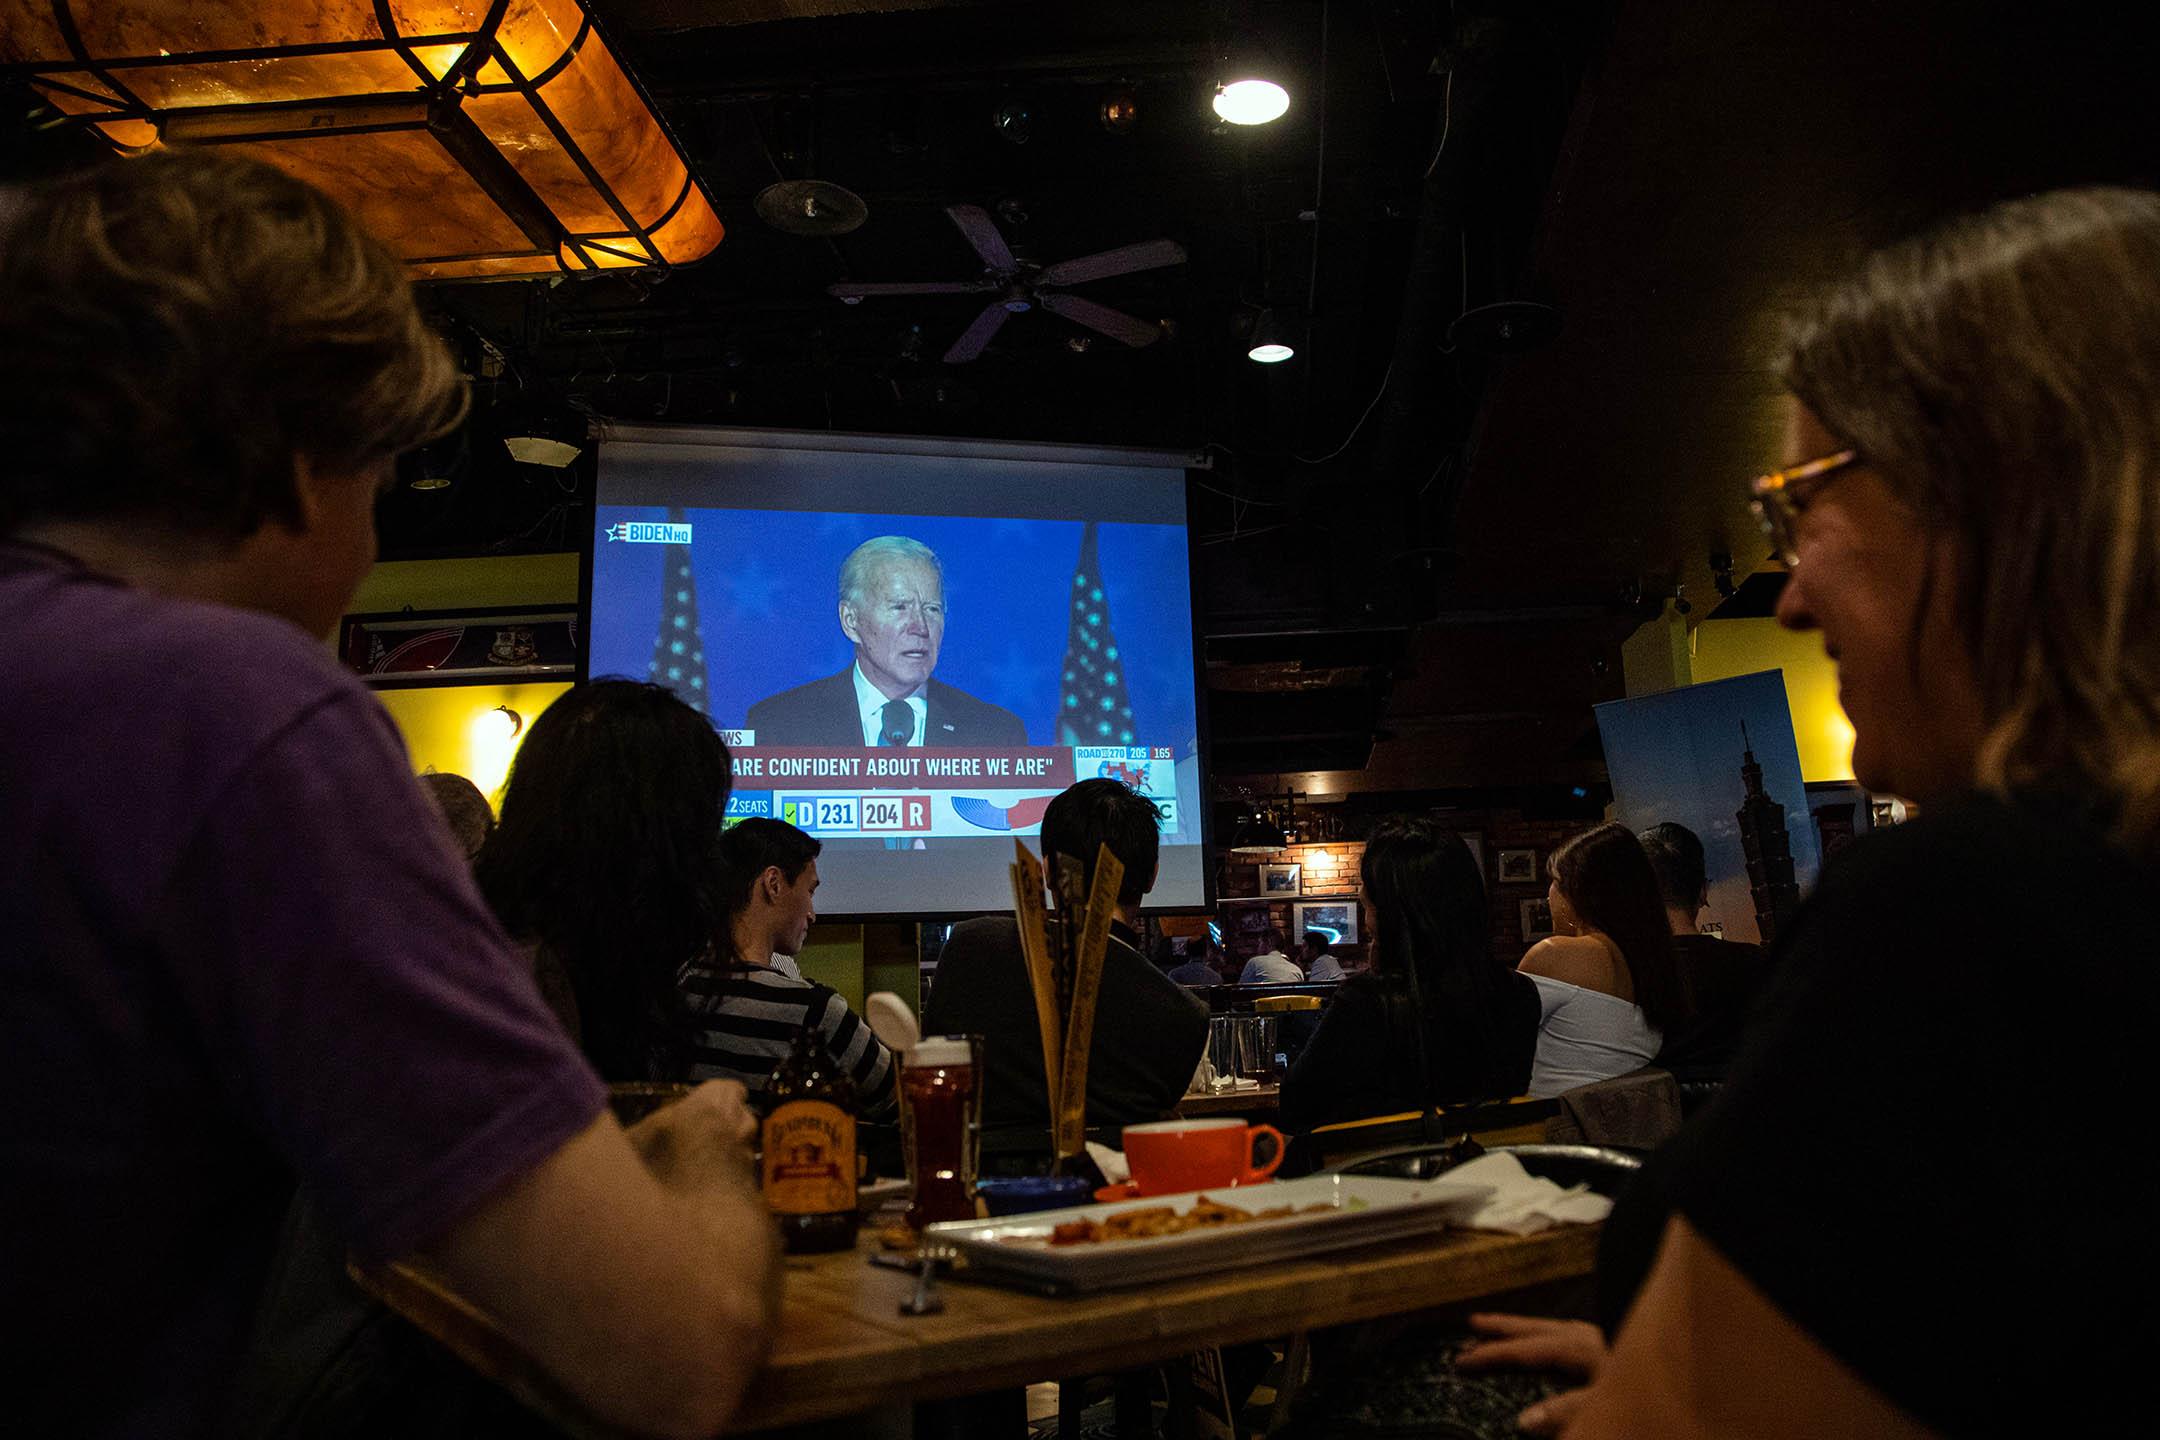 2020年11月4日台北,人們觀看拜登(Joe Biden)在美國威爾明頓選舉之夜的演講。 攝:Annabelle Chih/NurPhoto via Getty Images